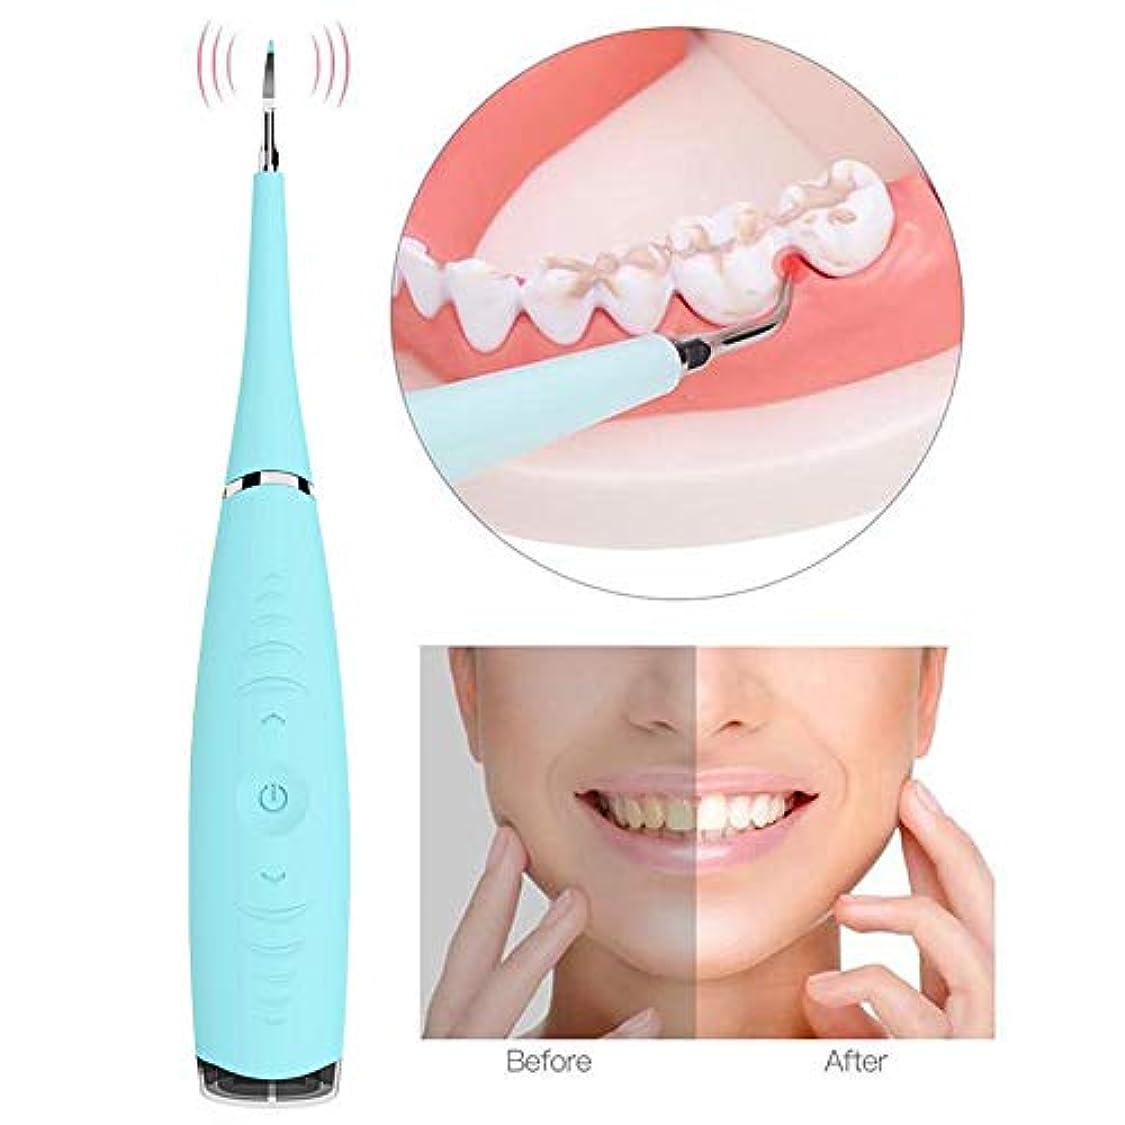 クリア特許よろめく歯石除去ホワイトニング歯石除去ポータブル家庭用歯石プラーク除去歯磨き粉用健康口腔衛生